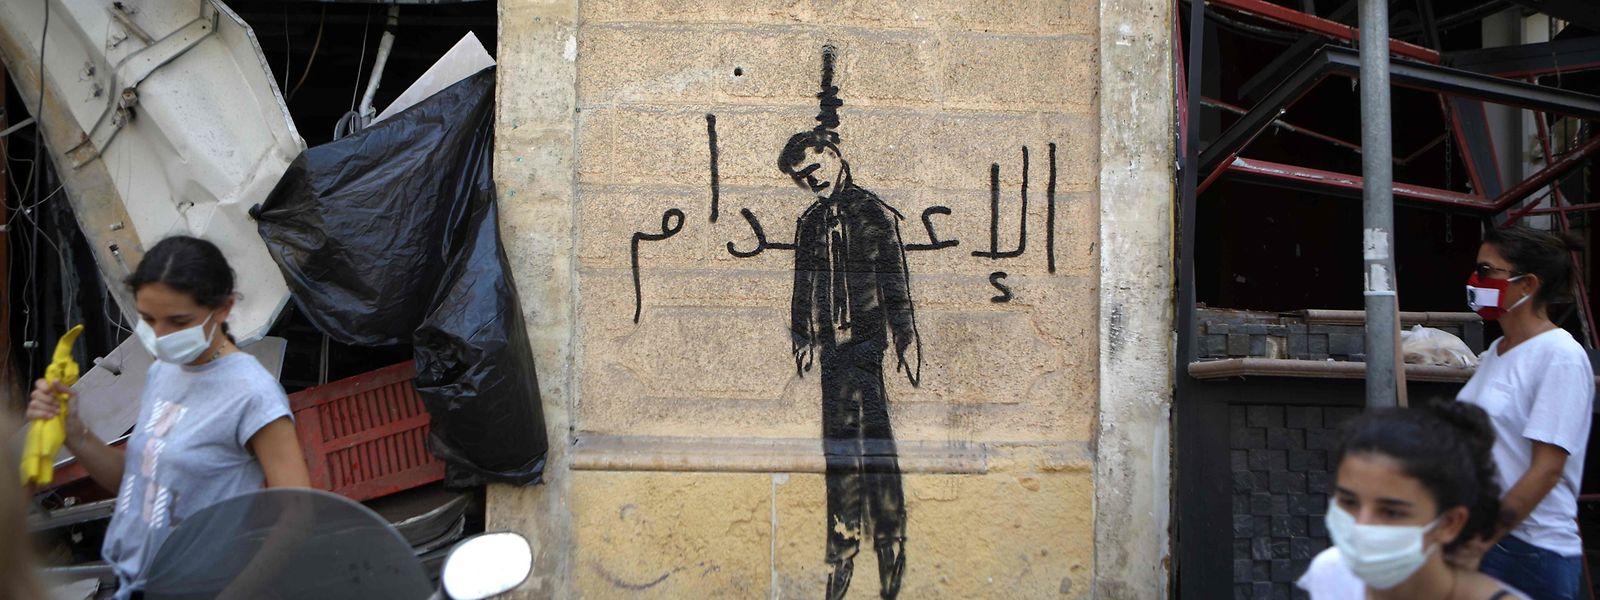 An die Wand eines Hauses in Beirut ist ein gelynchter Politiker gemalt, ein Schriftzug auf Arabisch fordert die Todesstrafe.